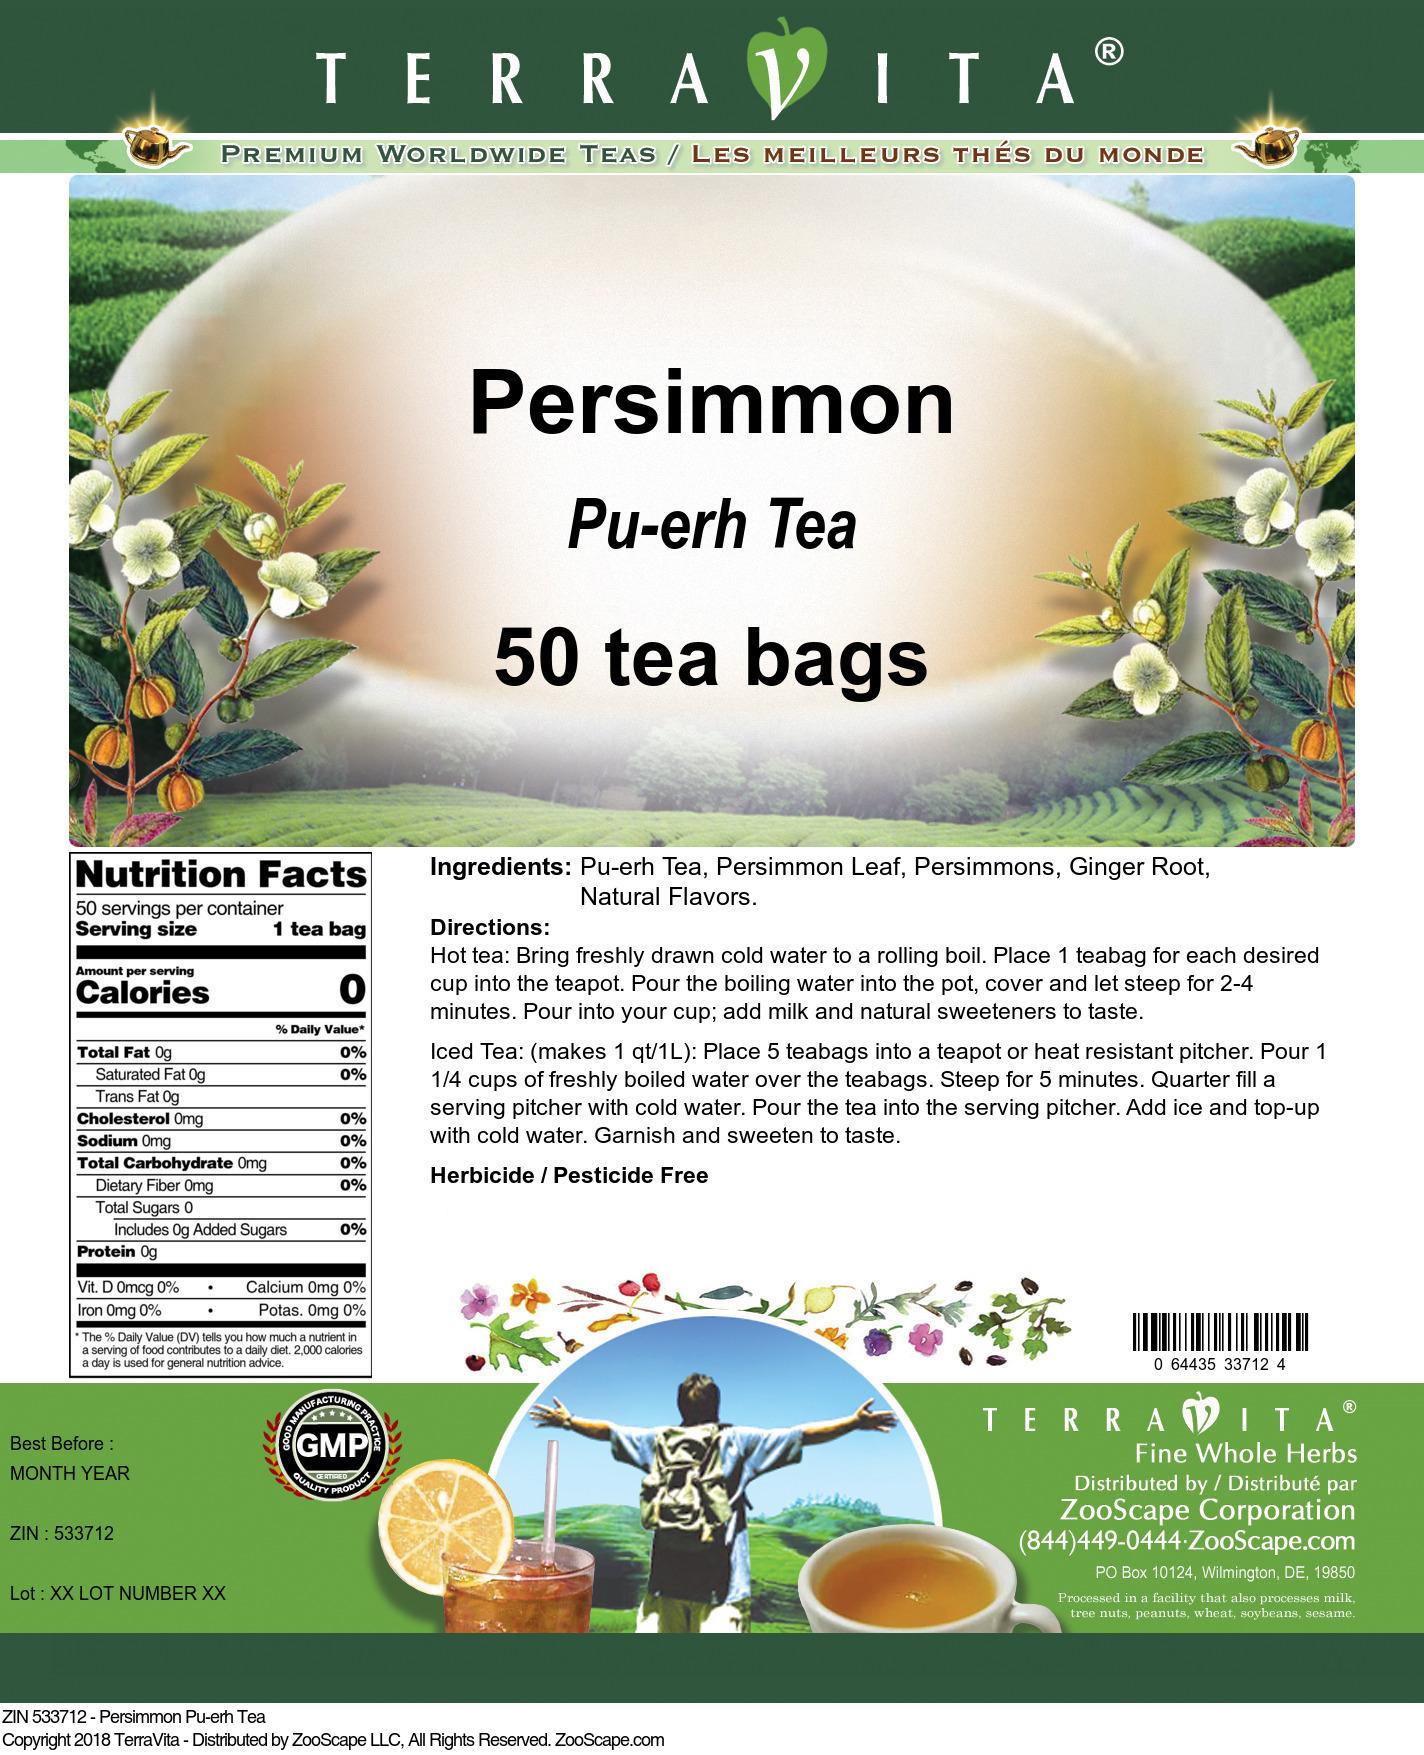 Persimmon Pu-erh Tea